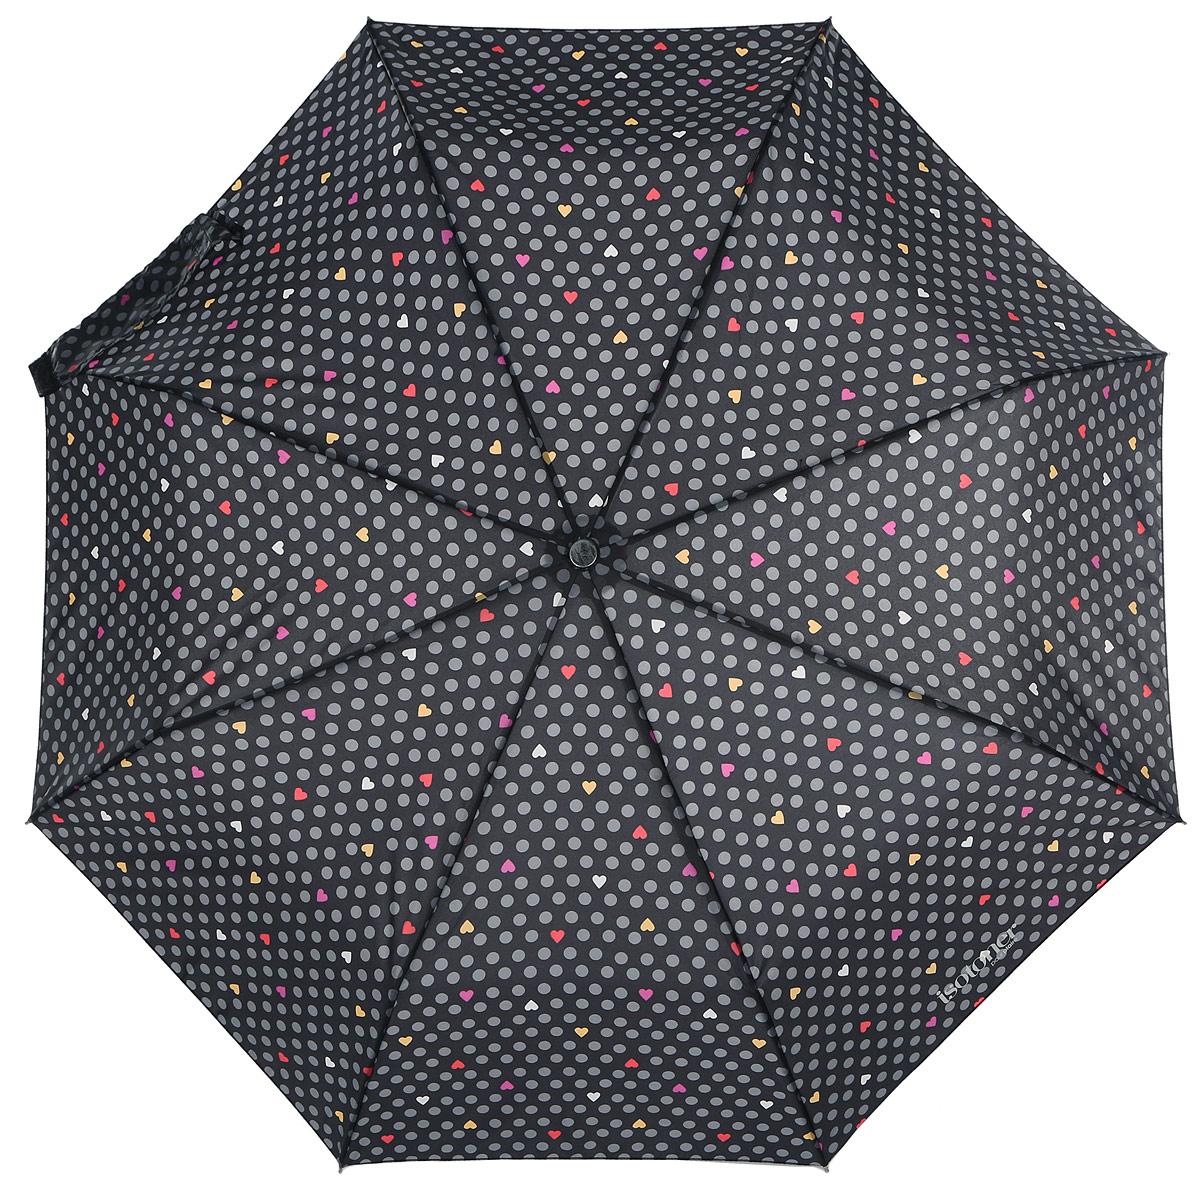 Зонт женский Isotoner, автомат, 3 сложения, цвет: черный. 09406-2959